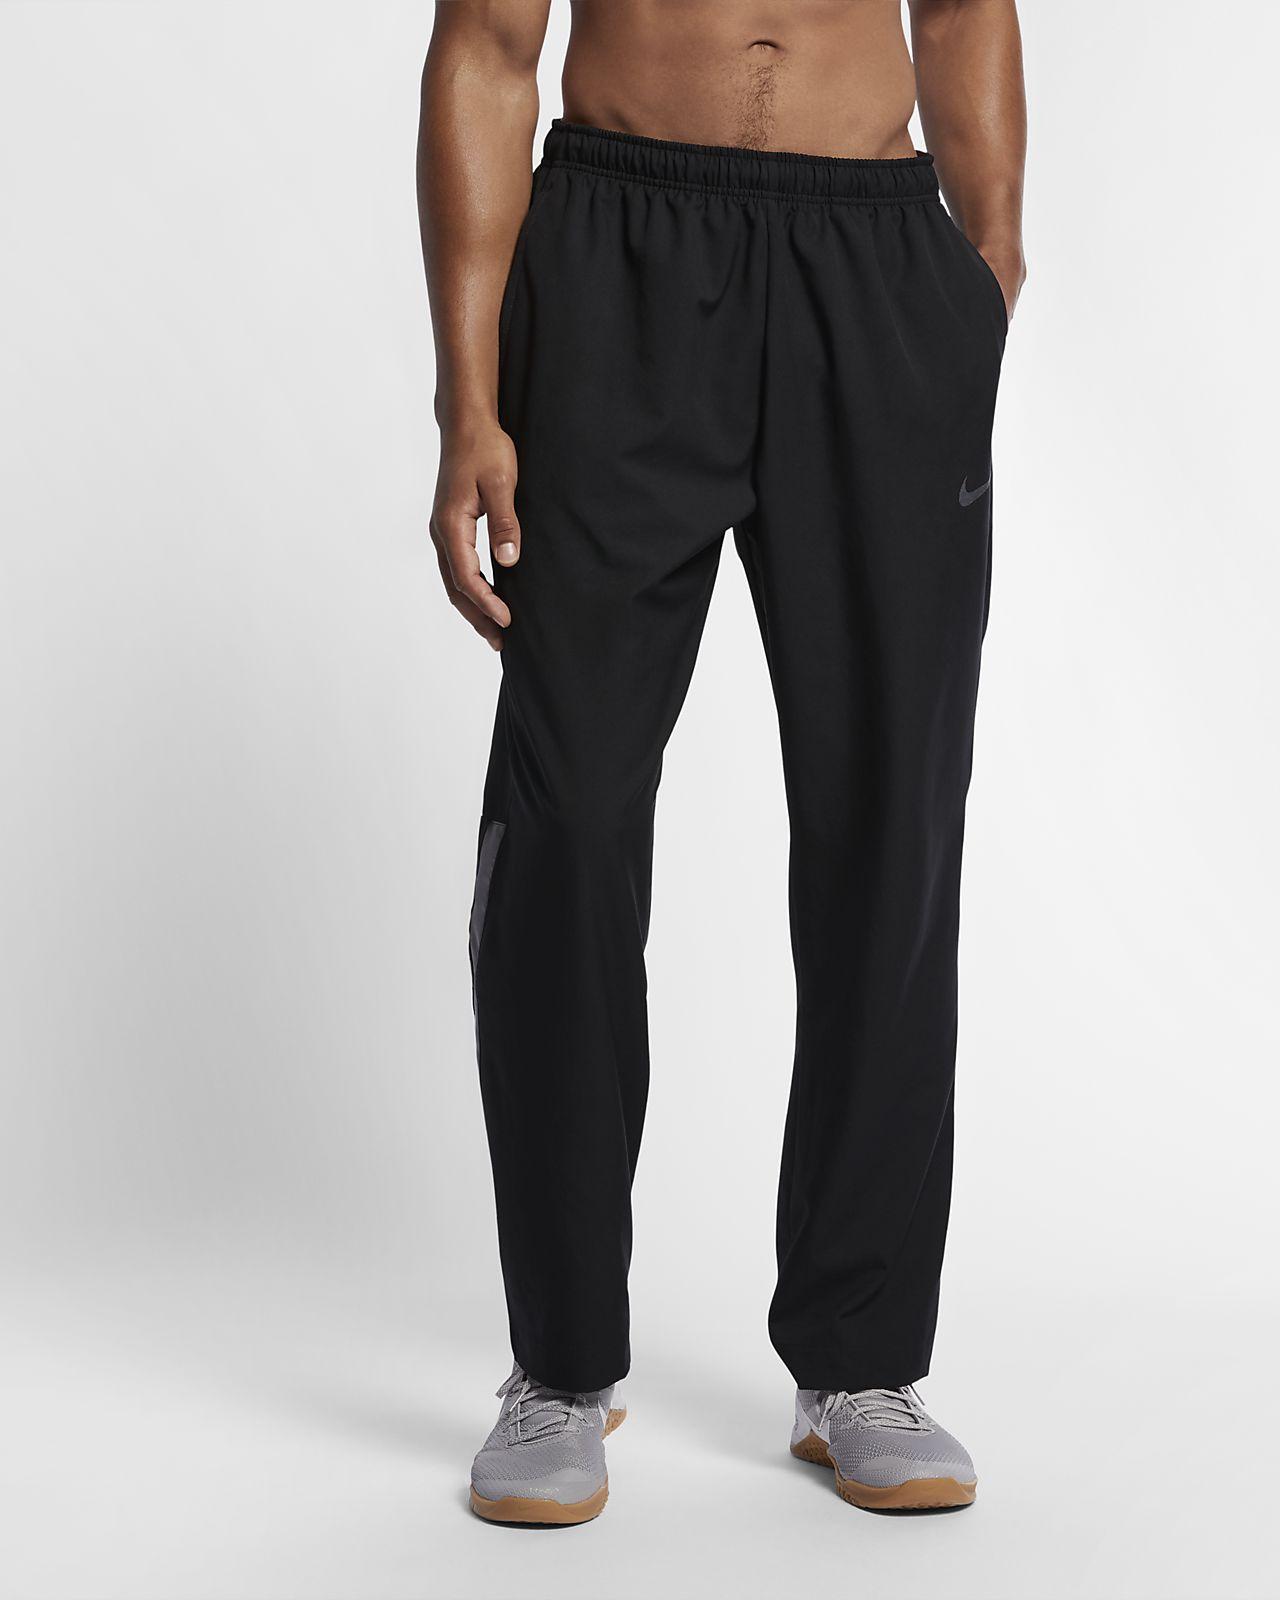 Vävda träningsbyxor Nike Dri-FIT för män. Nike.com SE 02a32ab87d0fc